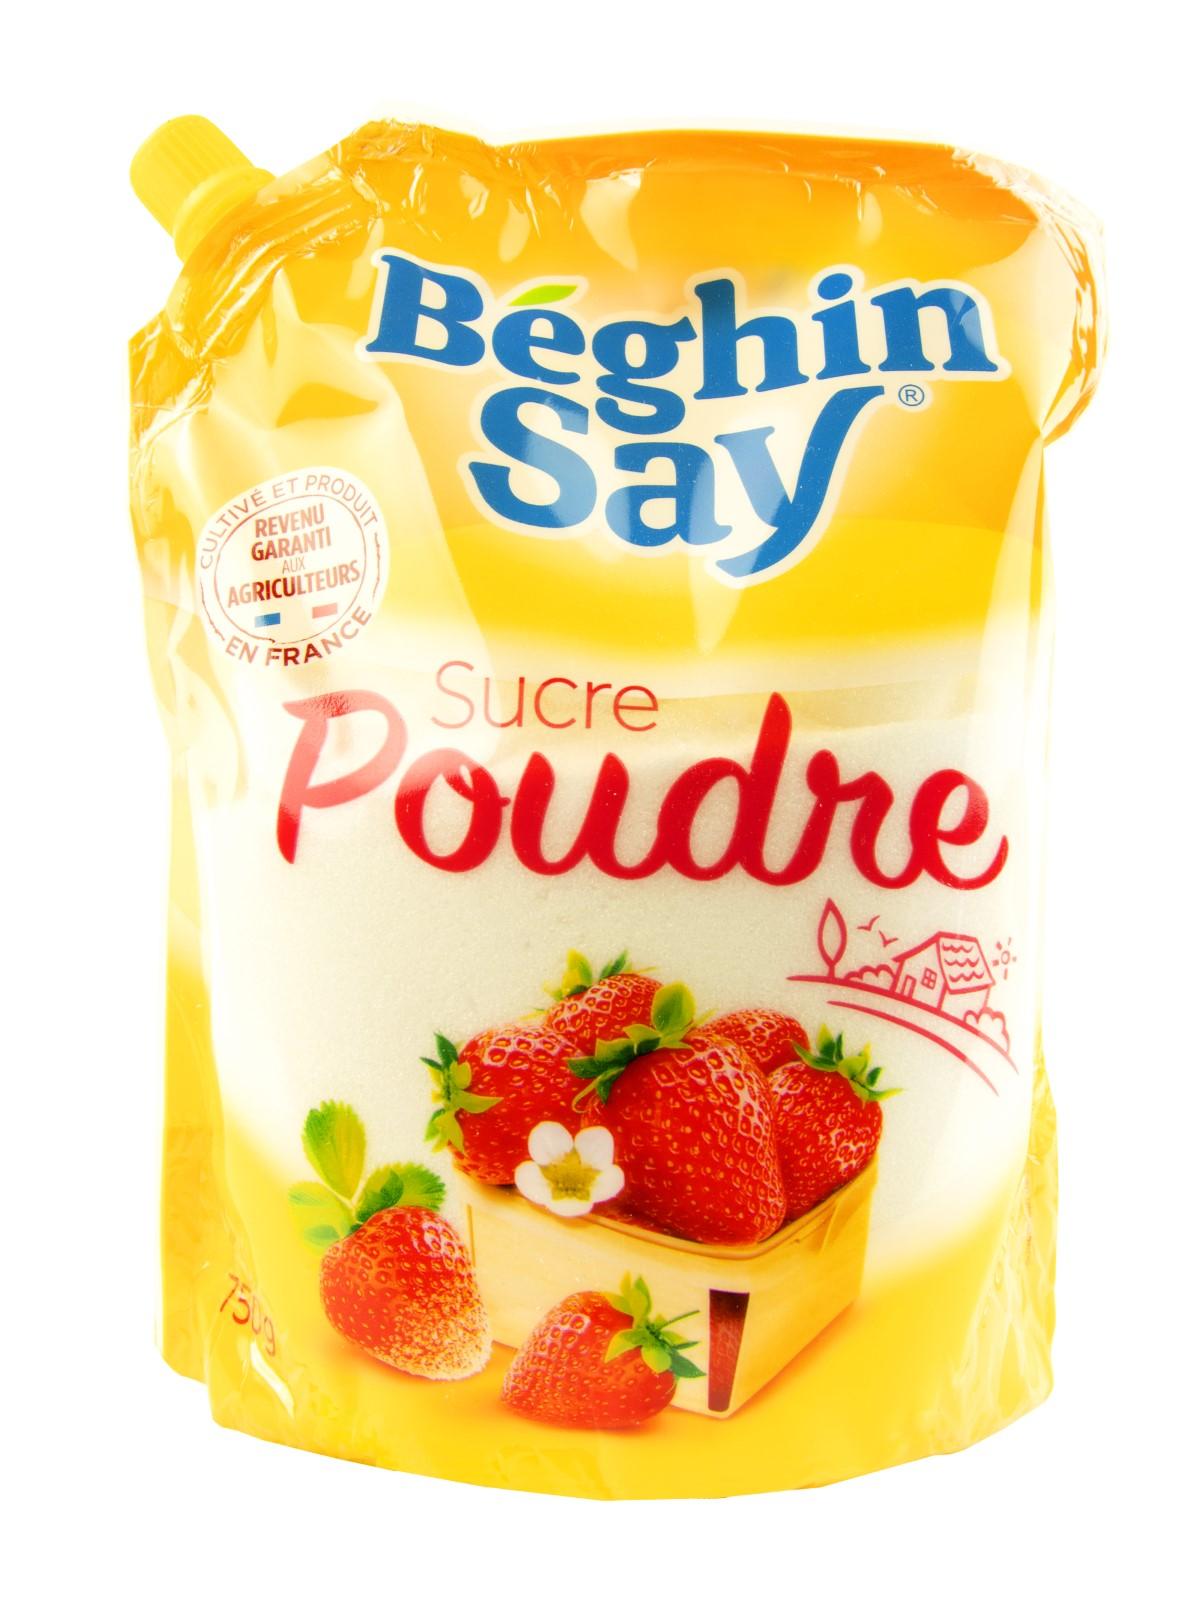 Сахарная пудра Beghin Say 750 г., Франция